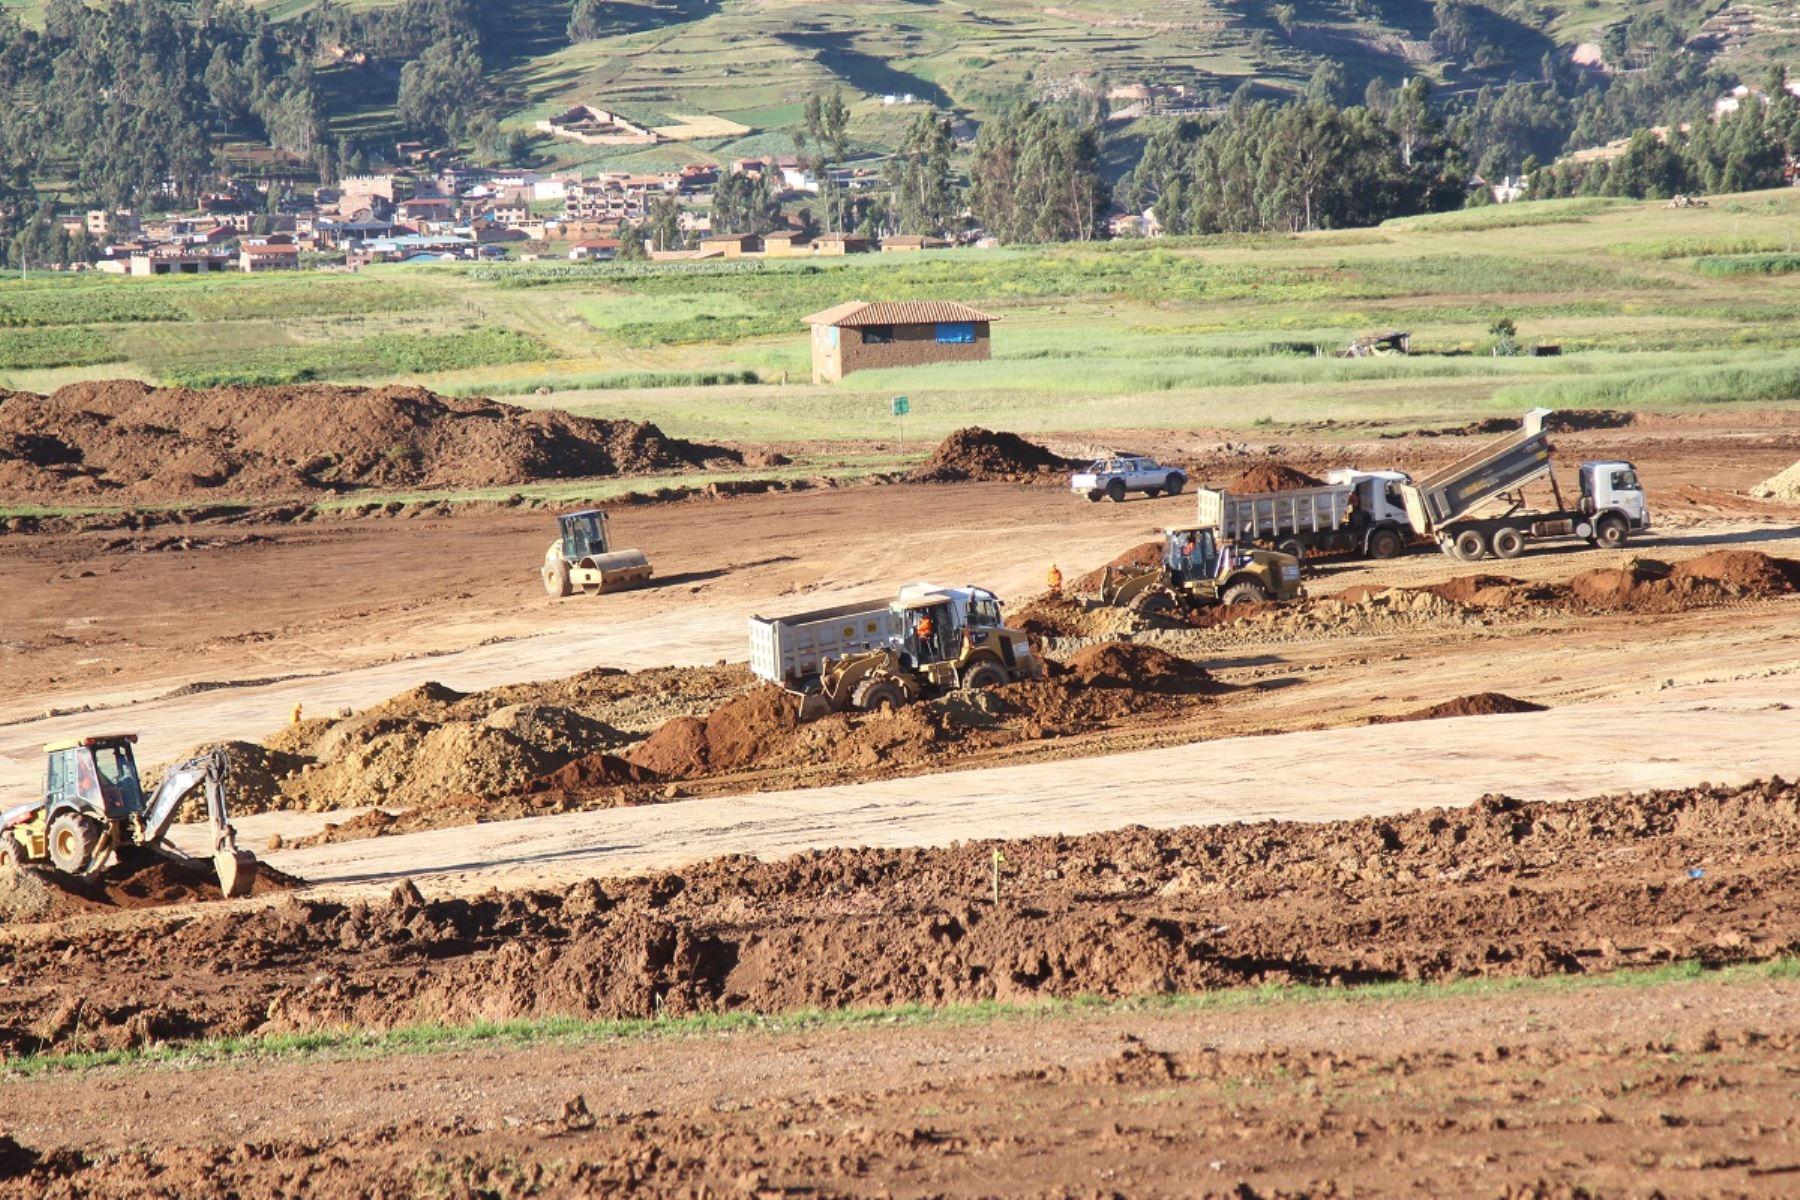 Movimiento de tierras para construir el aeropuerto internacional de Chinchero en Cusco. Foto: Cortesía.